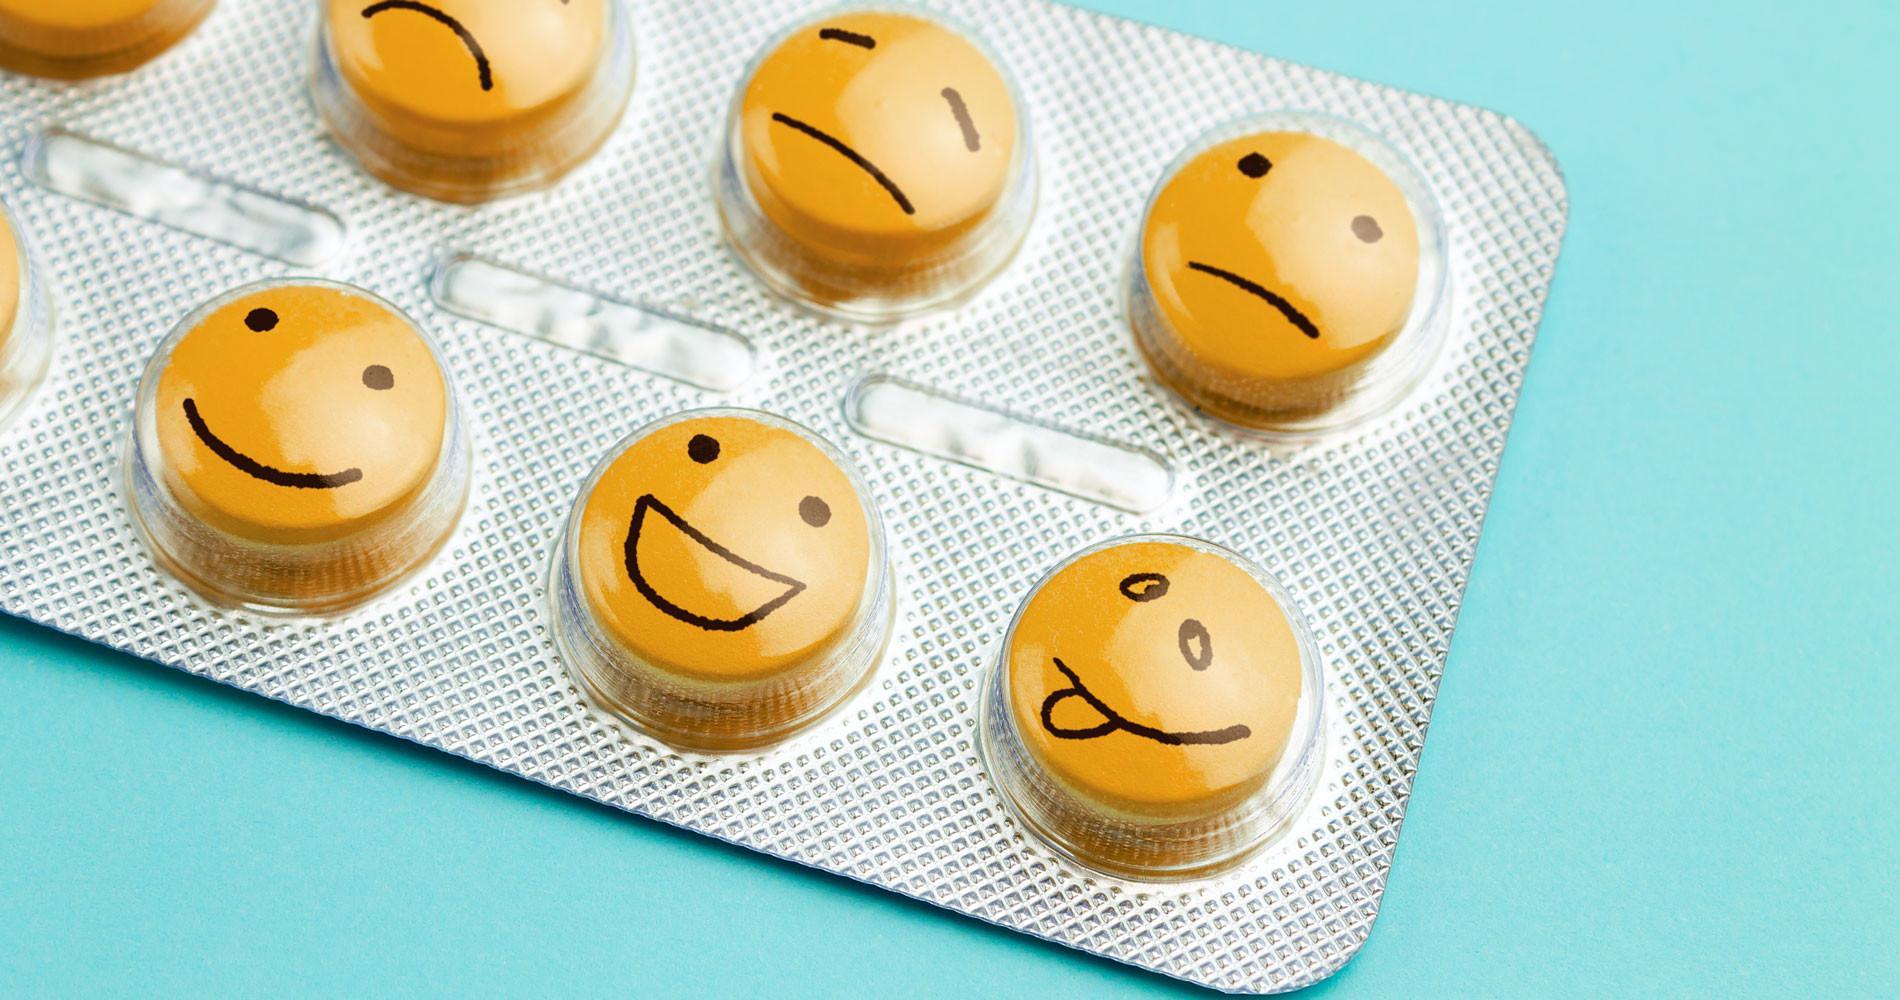 Противозачаточные таблетки влияют на уровень окситоцина